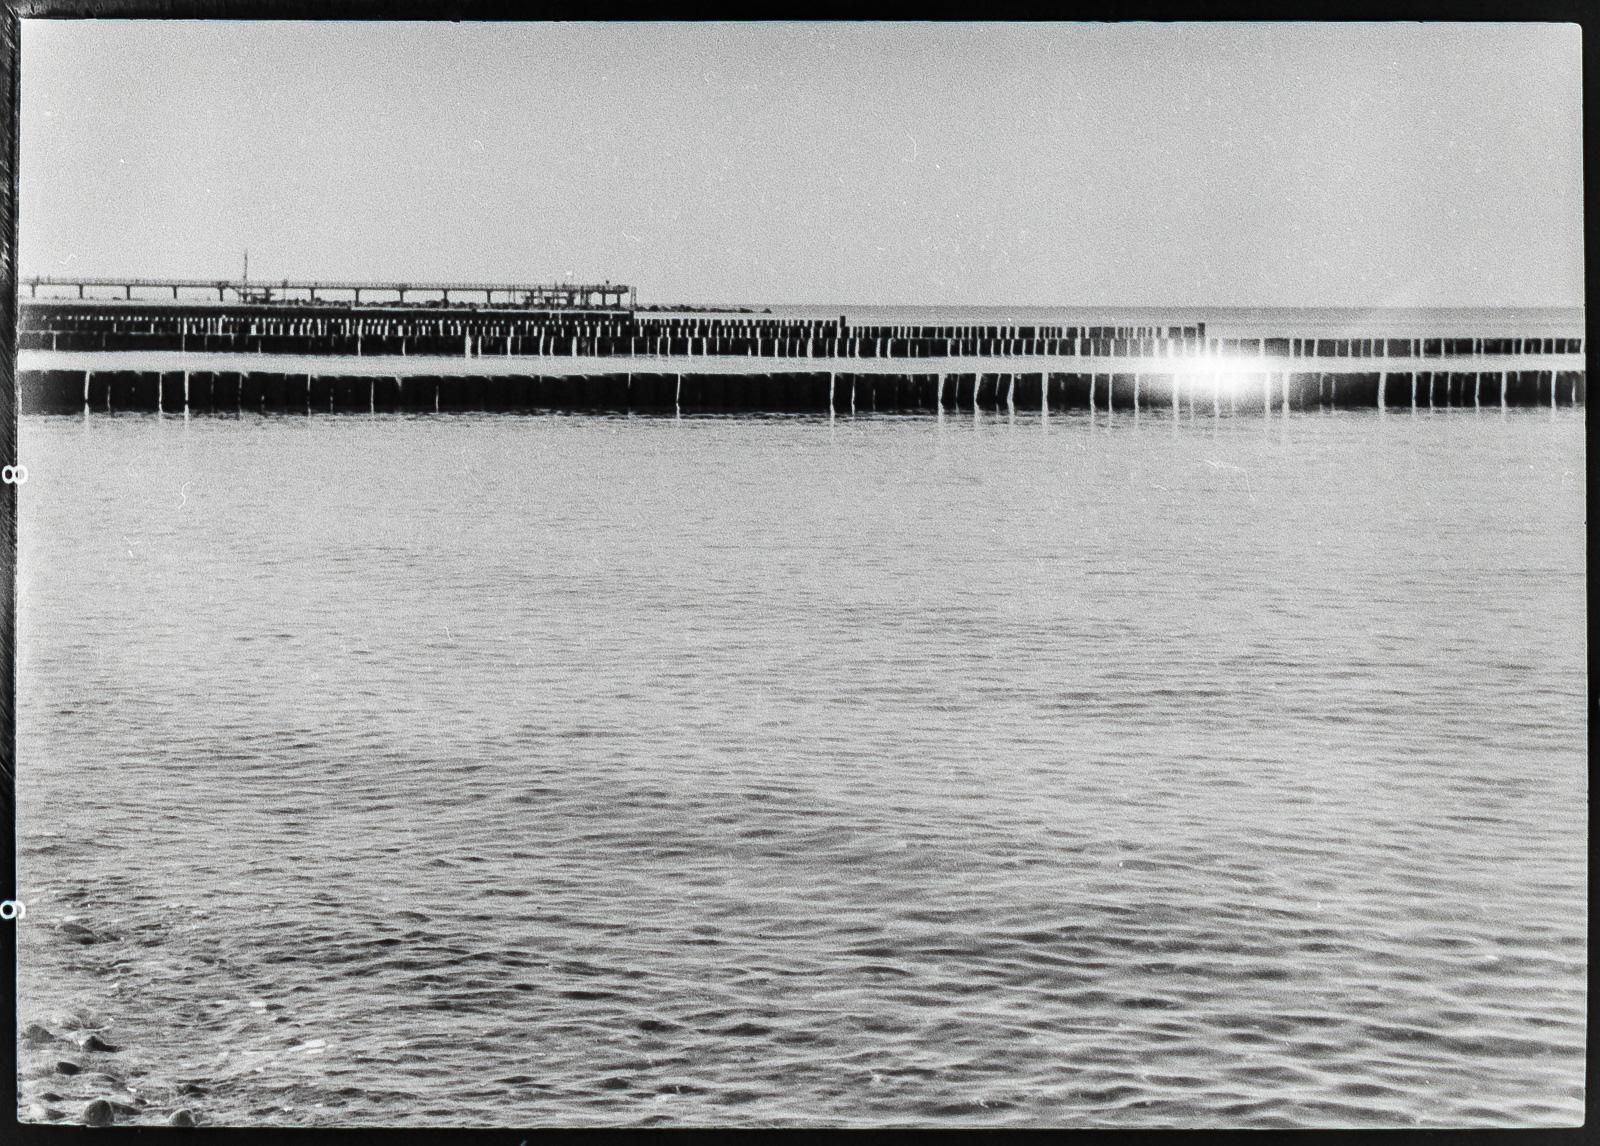 Fischland, Buhnenreihen, Seebrücke Wustrow